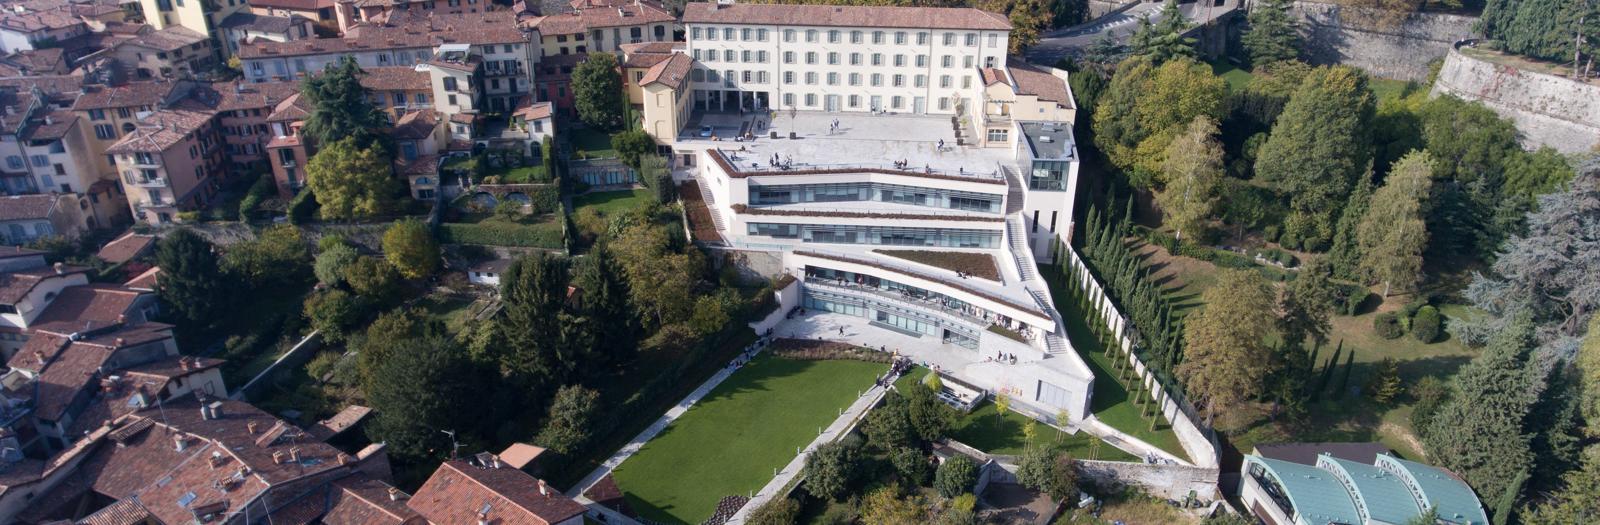 Pignolo drone view